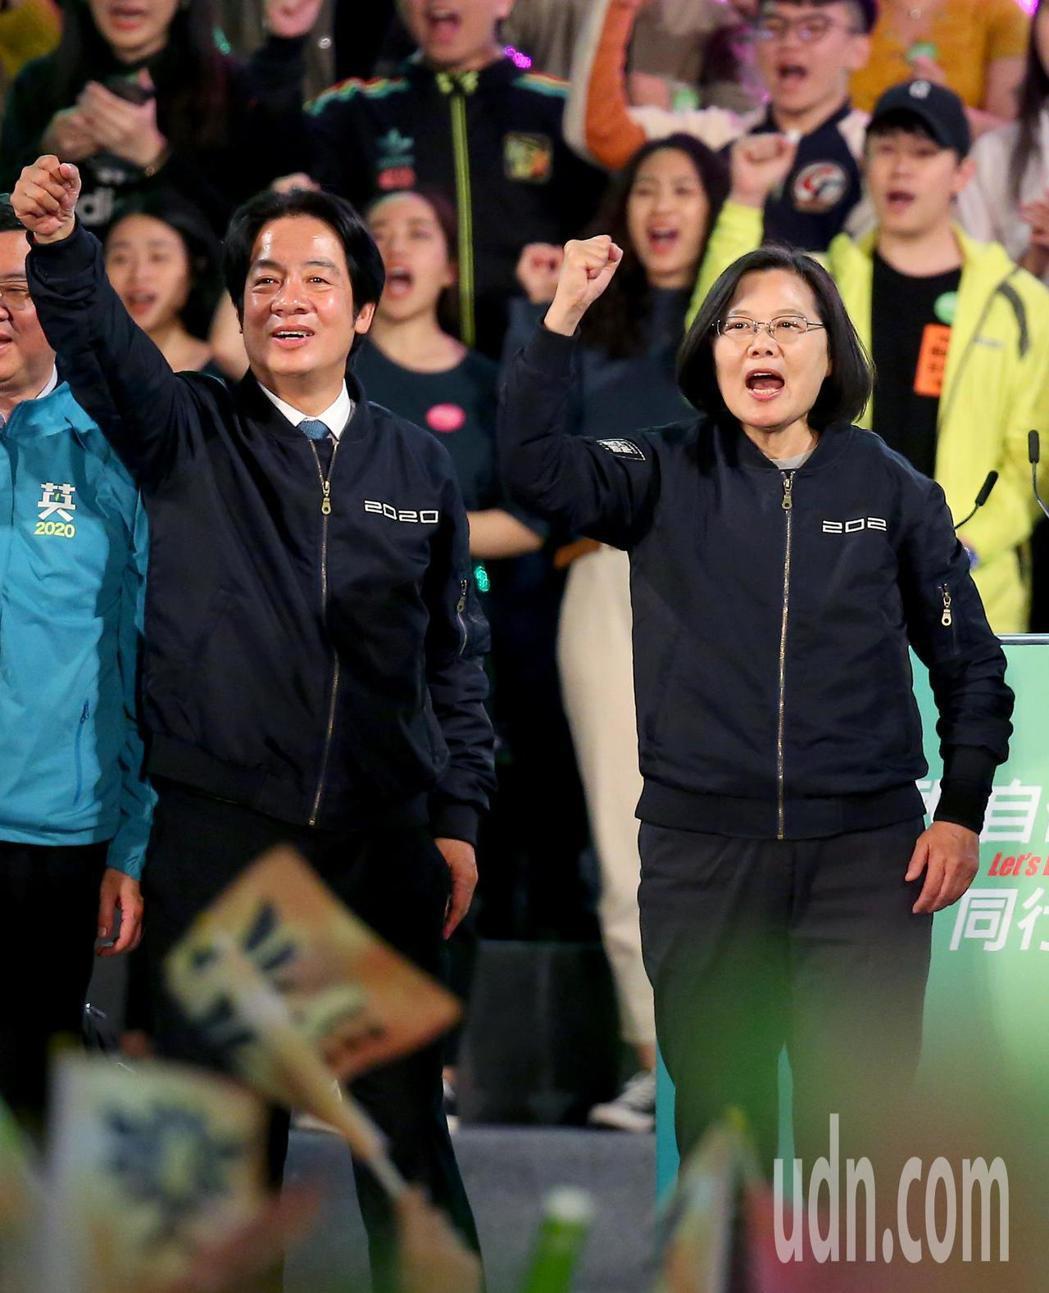 民進黨總統候選人蔡英文(右)、副總統候選人賴清德(左)在台南開出最高得票率。圖/...